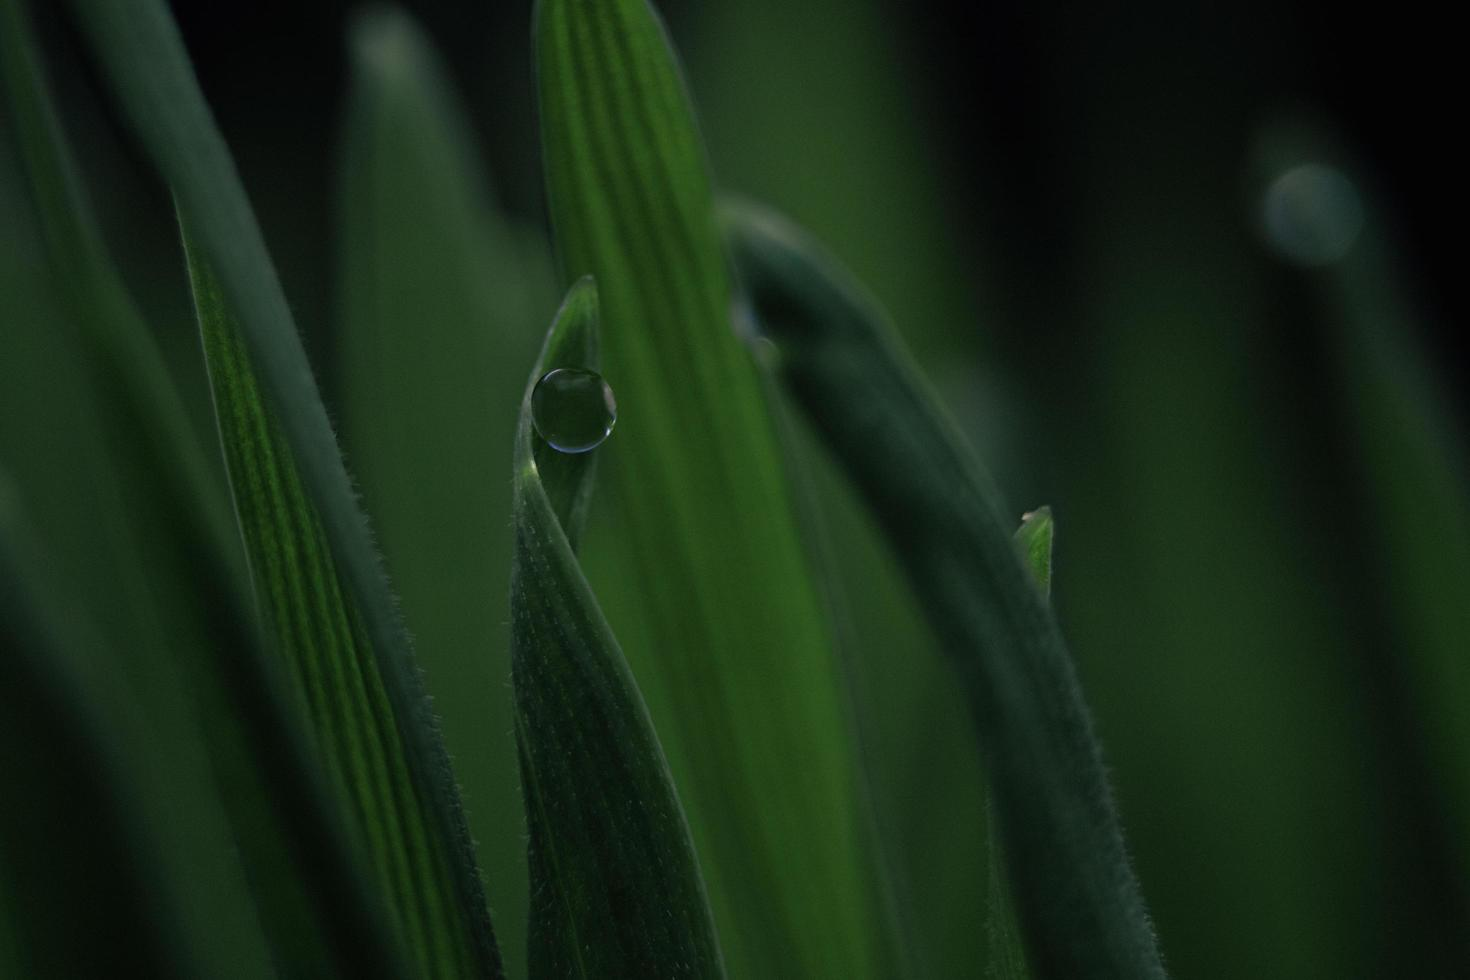 Wassertau auf einem grünen Blatt. foto